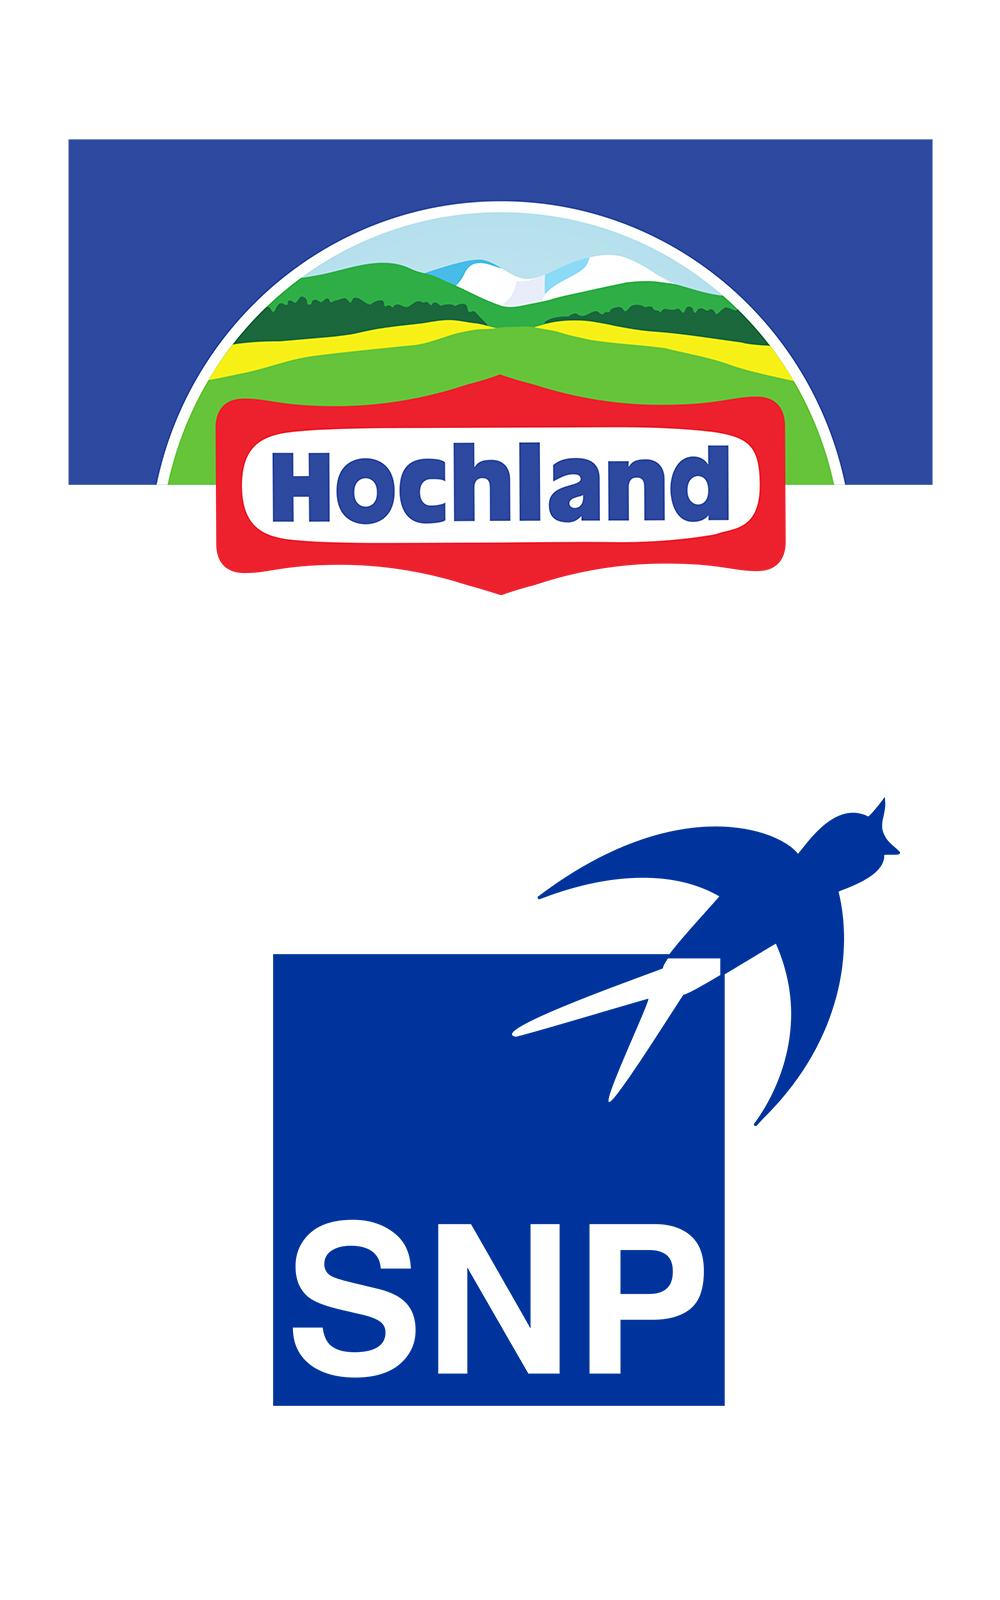 Die Logos von Hochland und SNP zum Deep Dive auf den valantic Customer Focus Days SAP 2021